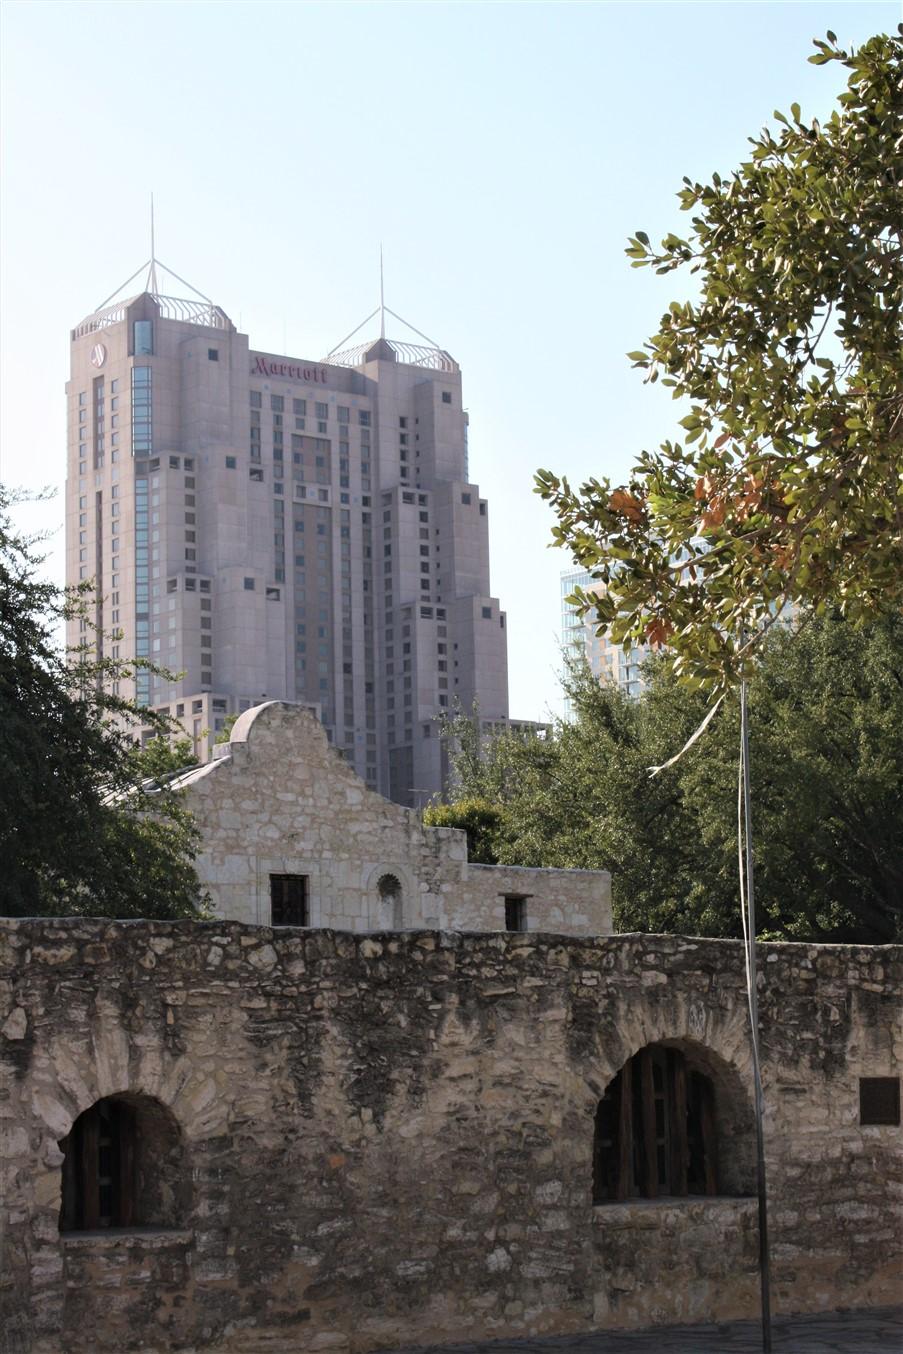 2009 08 27 1 San Antonio Alamo.jpg